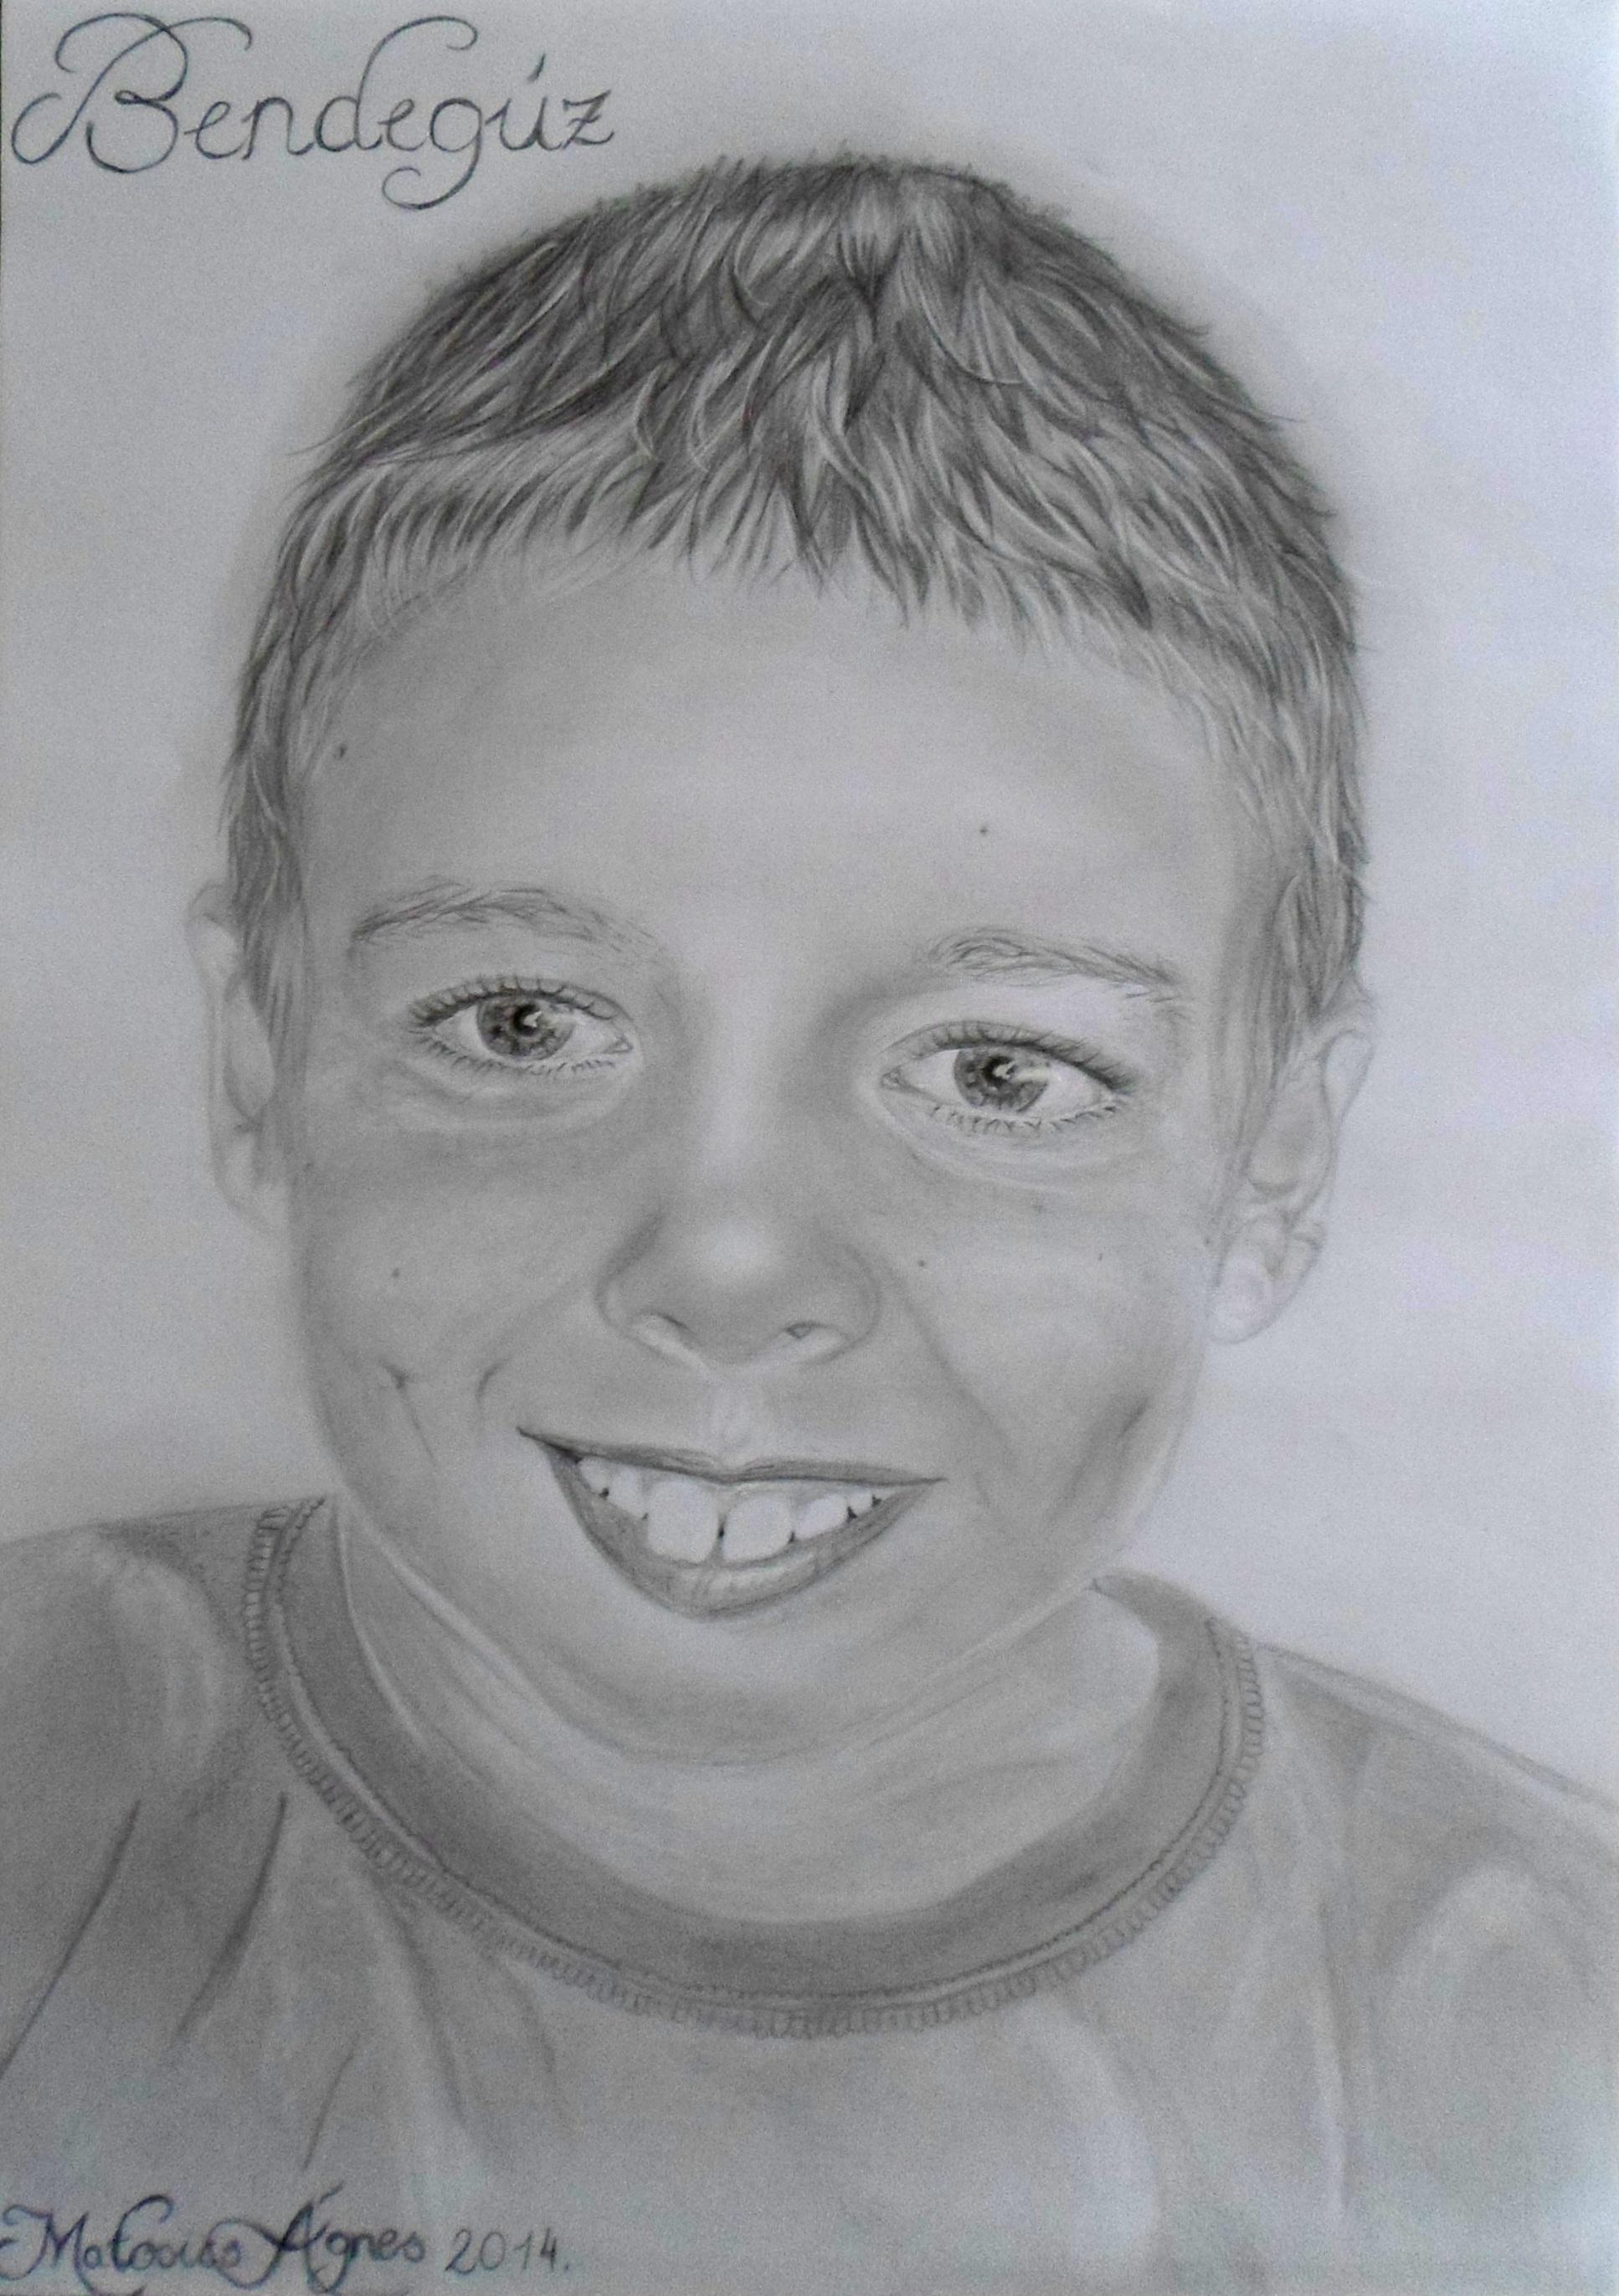 Gambar Orang Pensil Putih Anak Laki Laki Potret Tersenyum